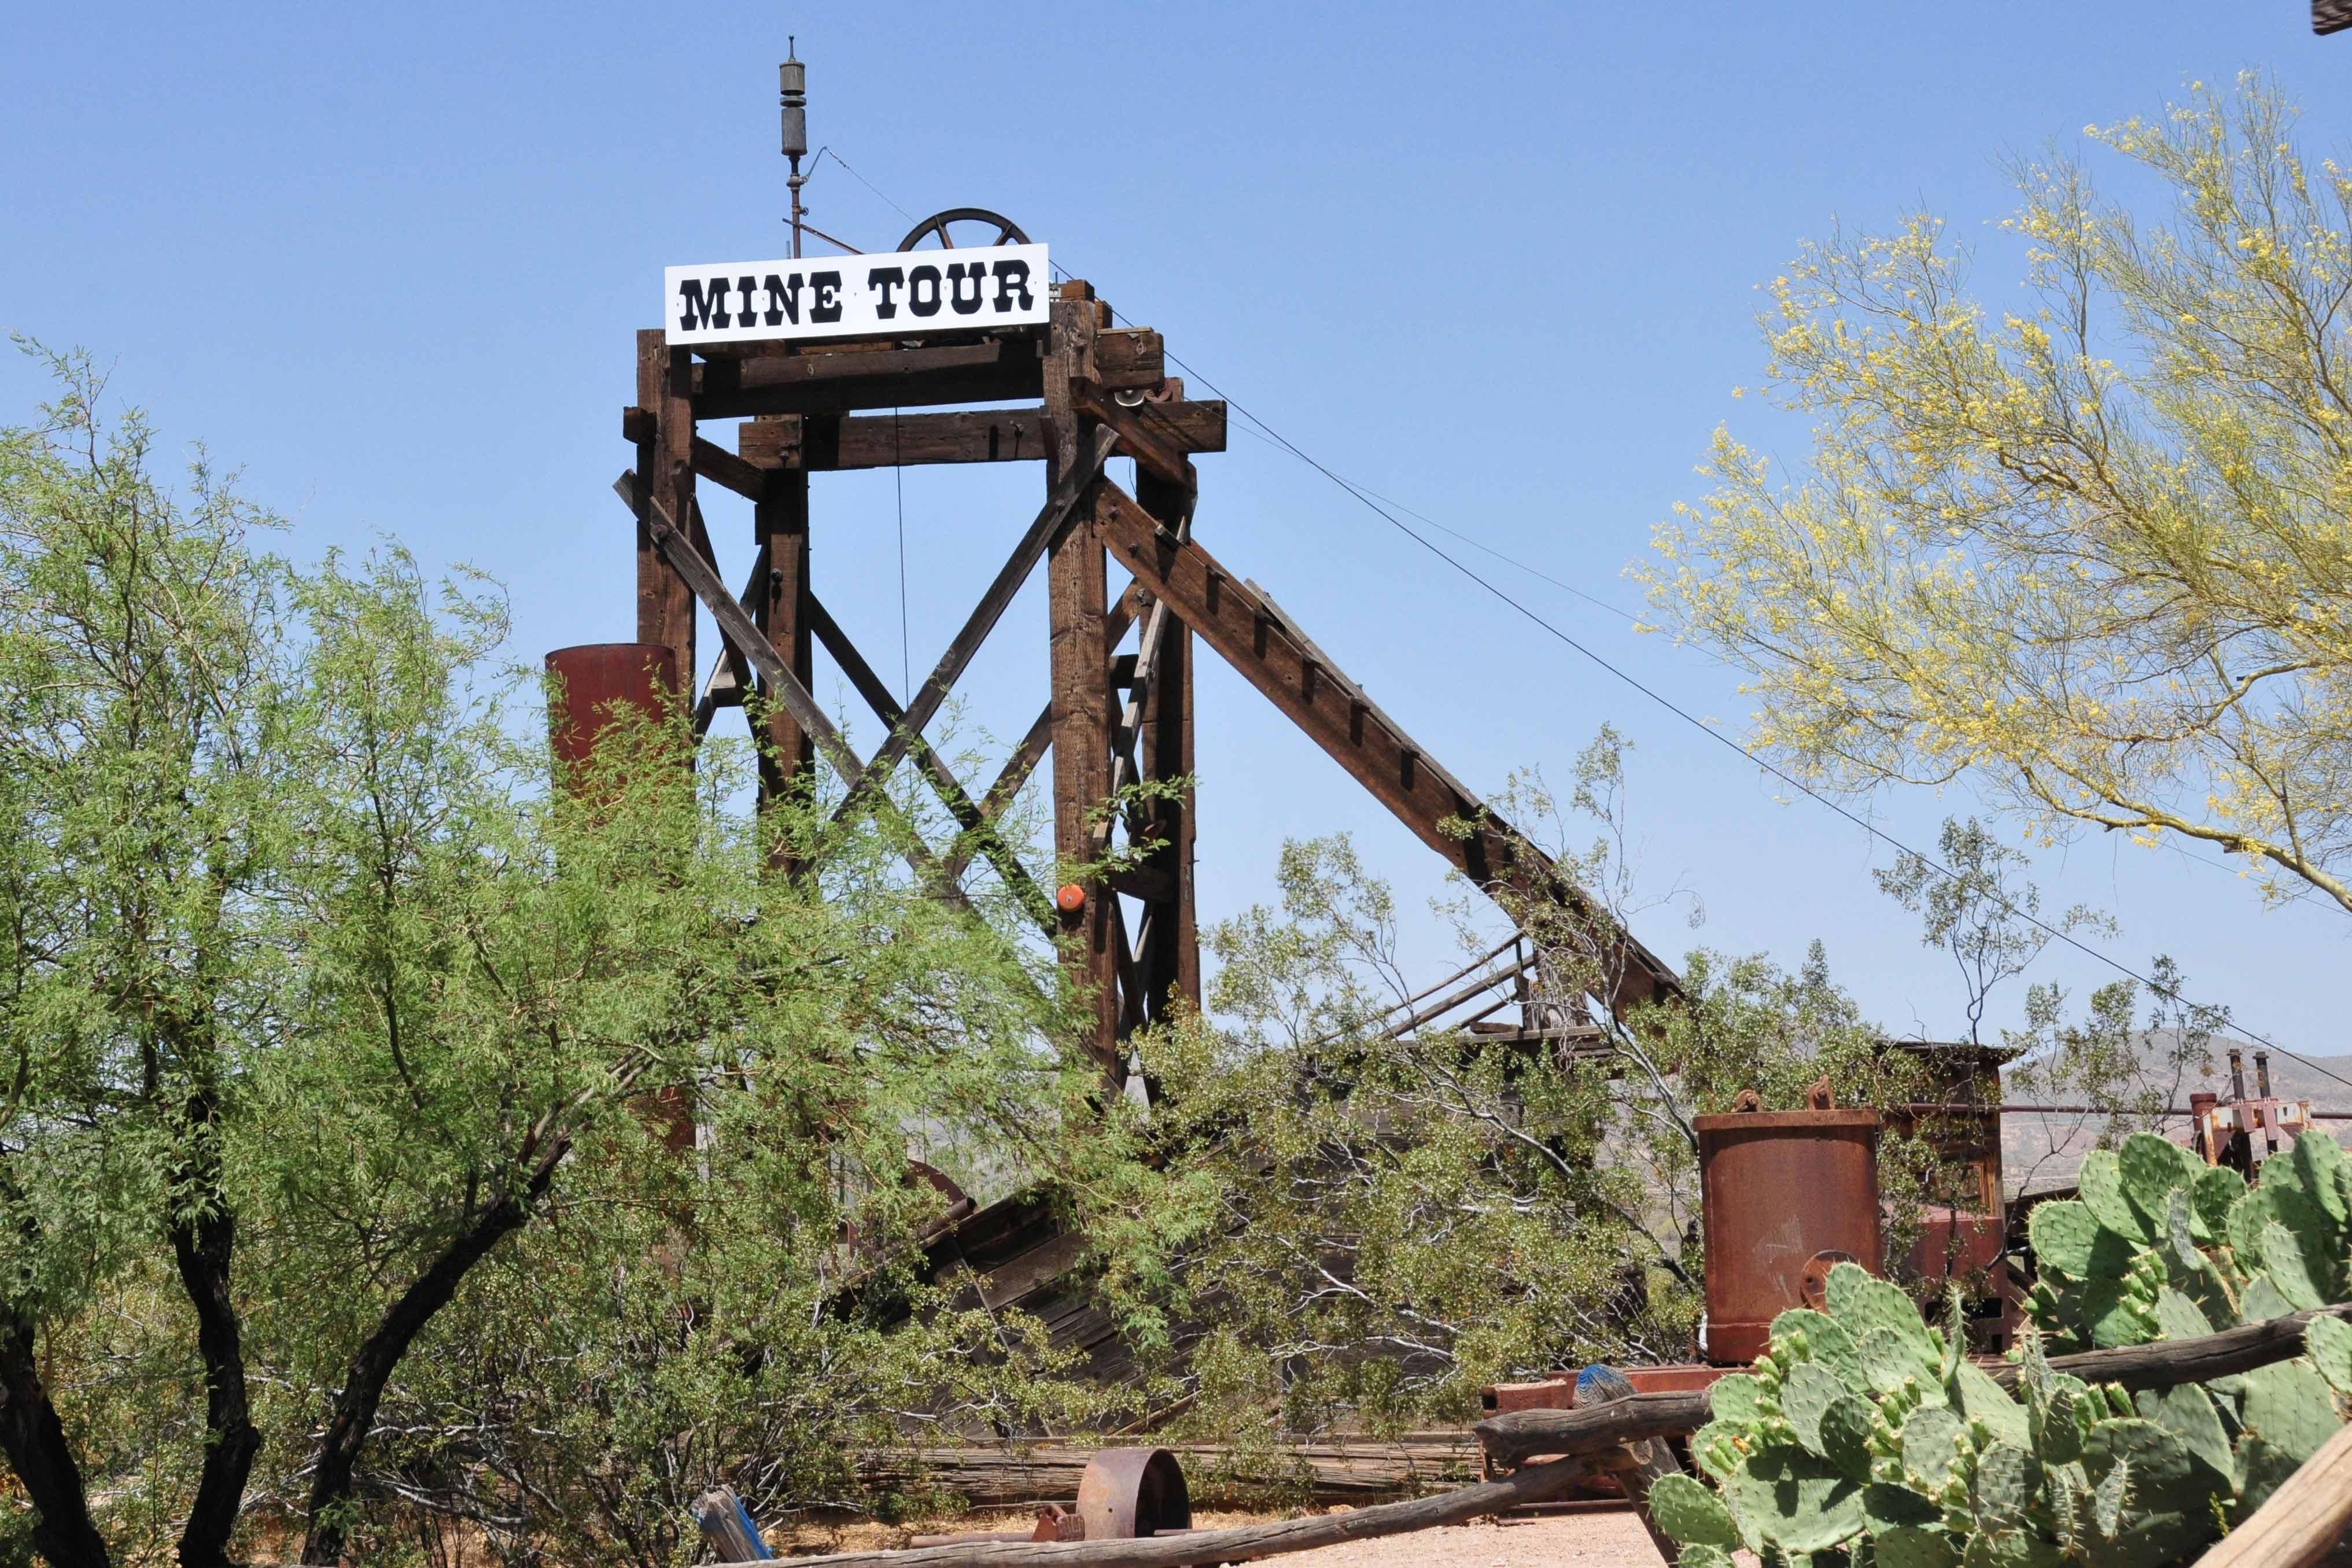 Förderturm der Goldmine in Goldfield